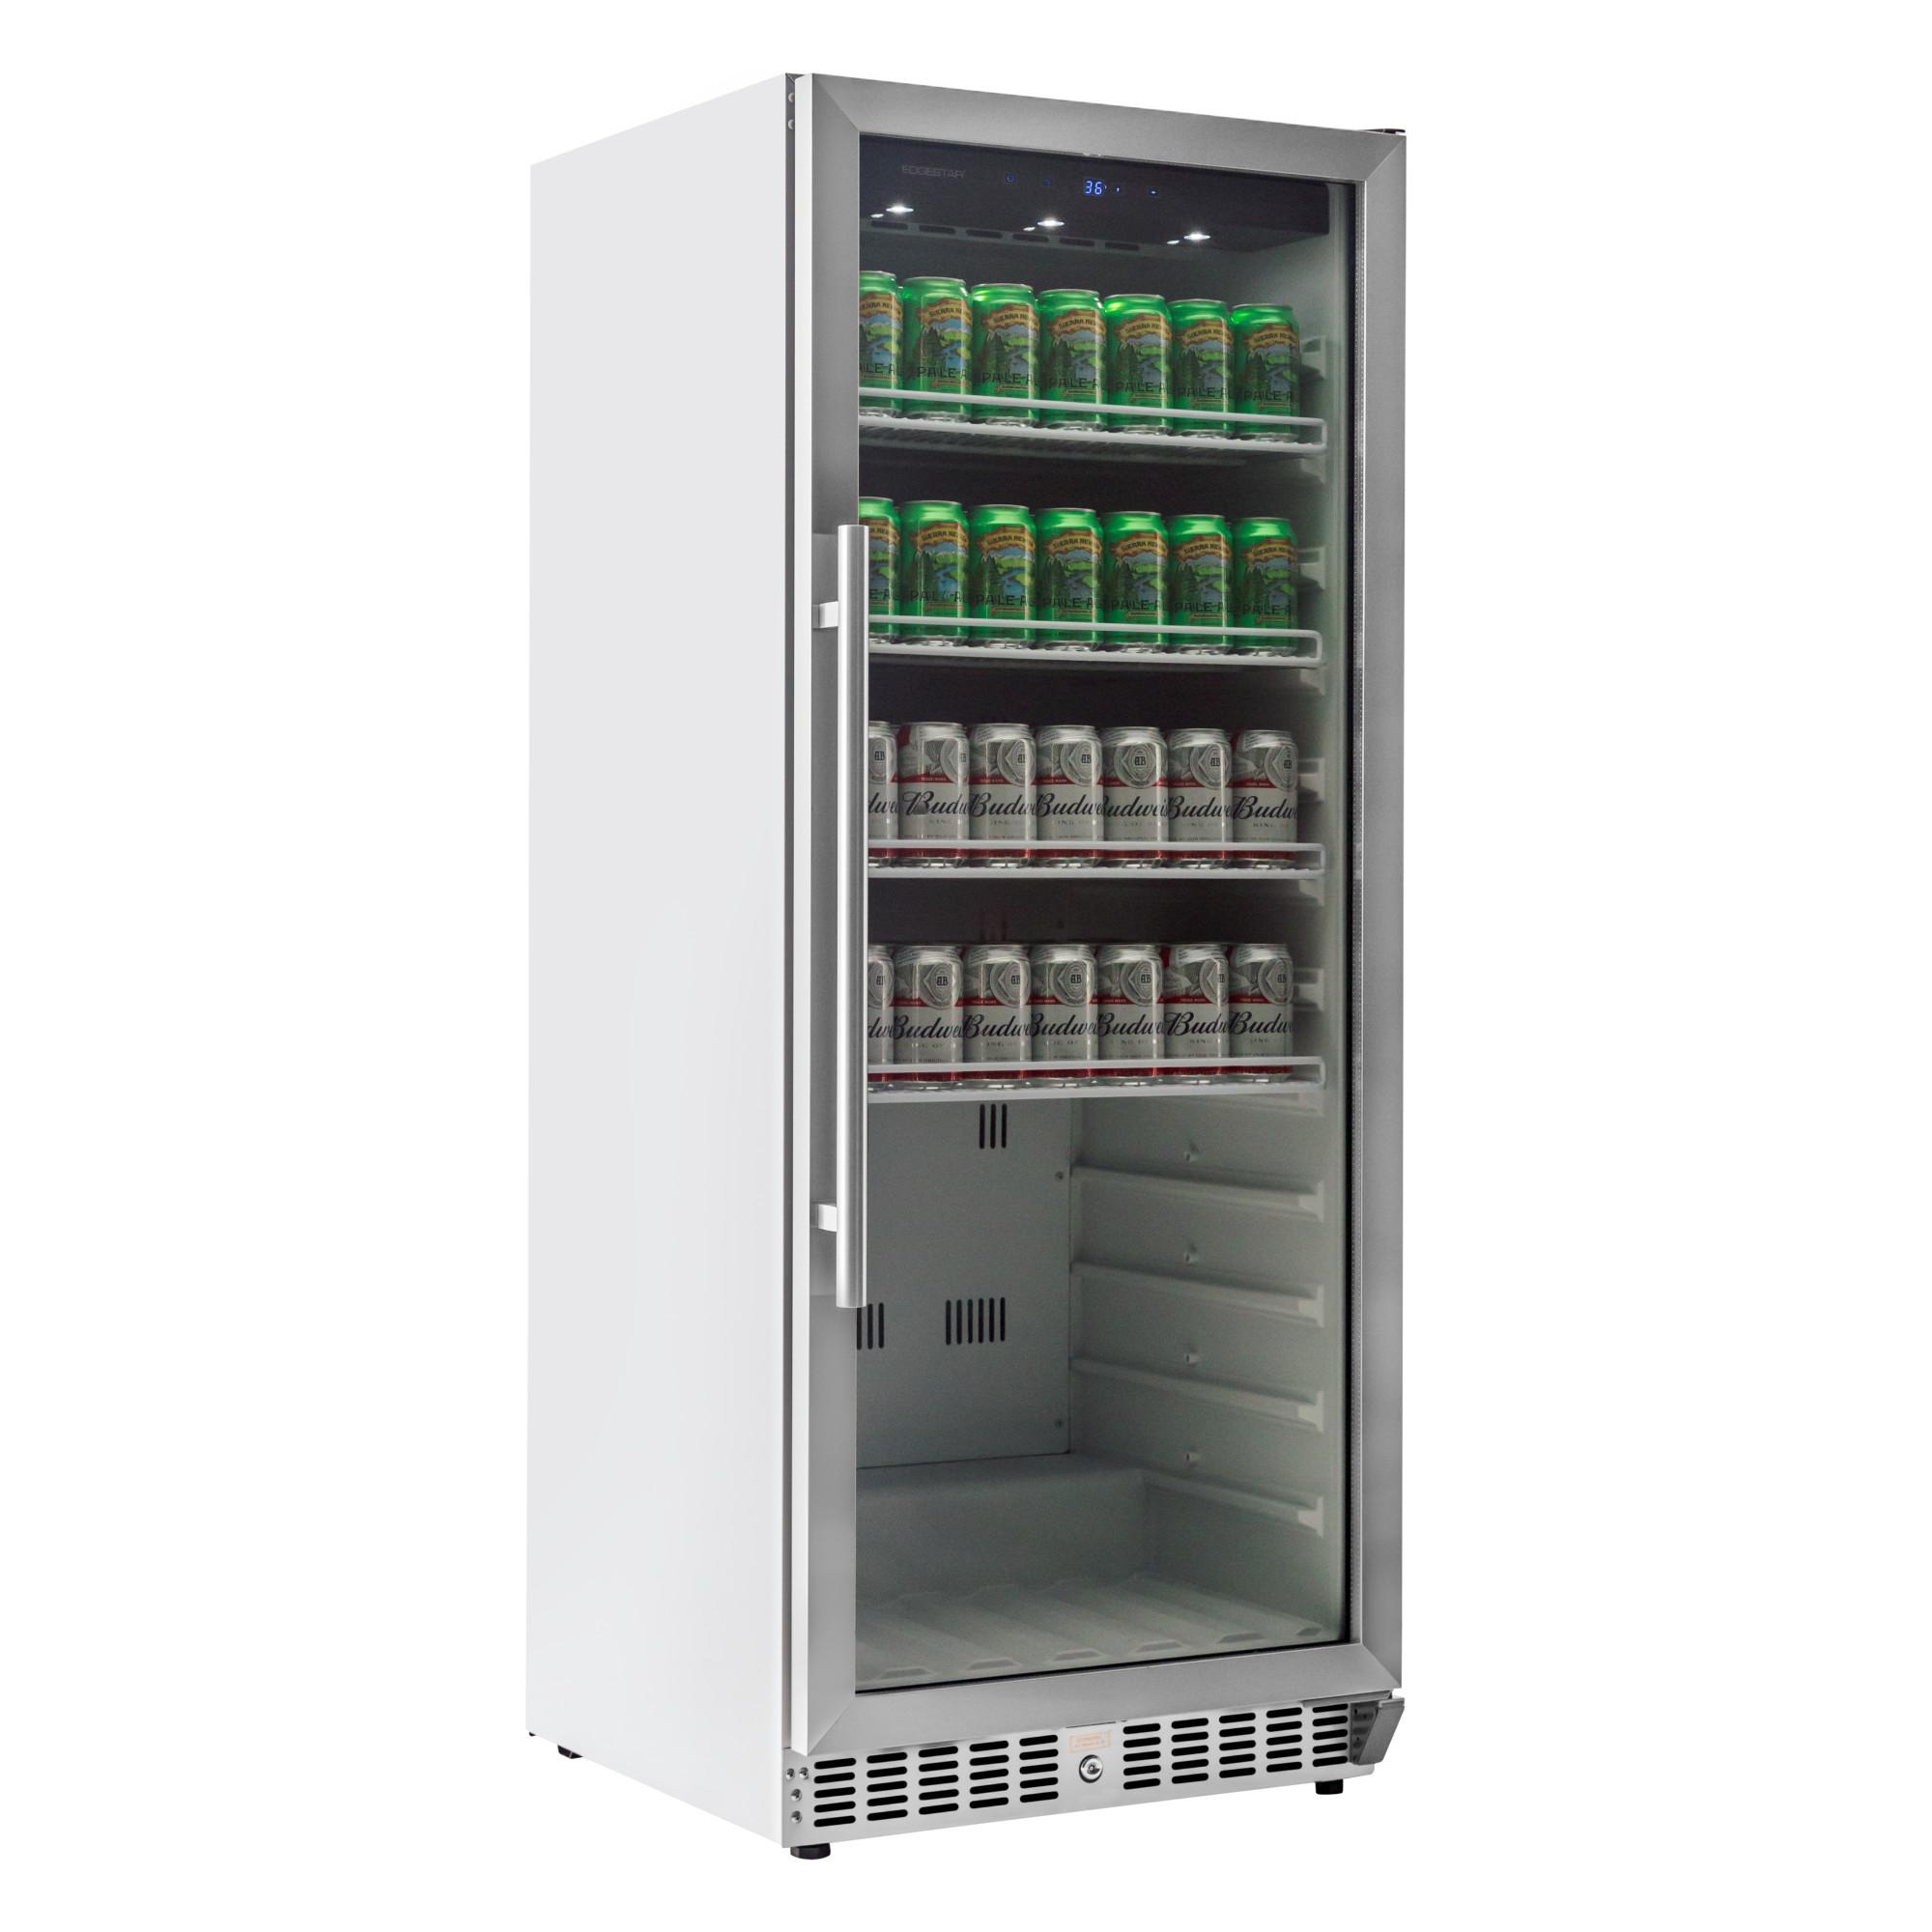 edgestar vbr440 11 2 cu  ft  built-in commercial beverage merchandiser